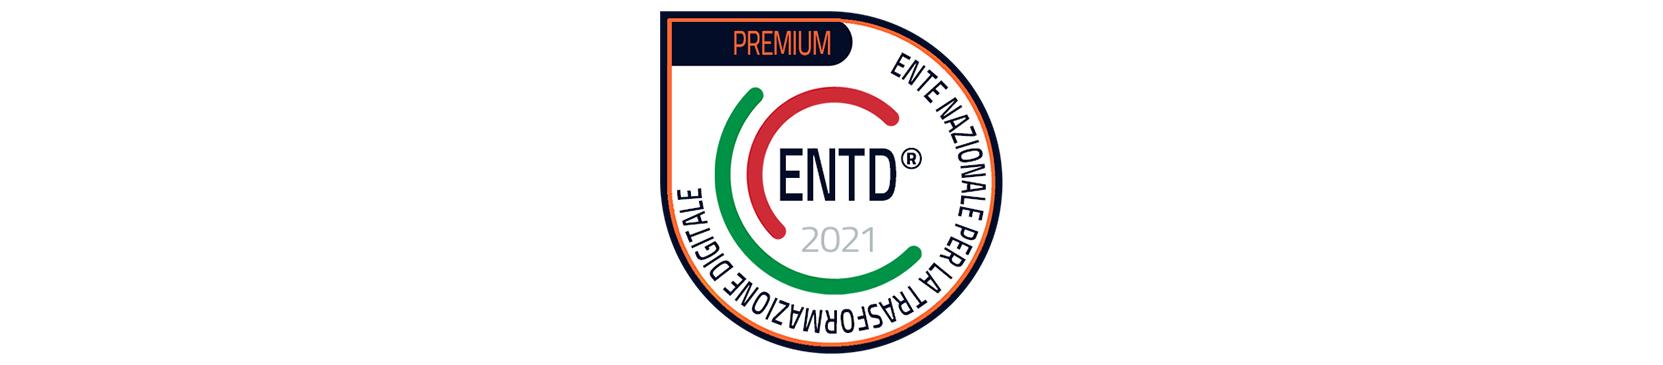 Ente nazionale per la trasformazione digitale - Badge ENTD Associate Premium 2021